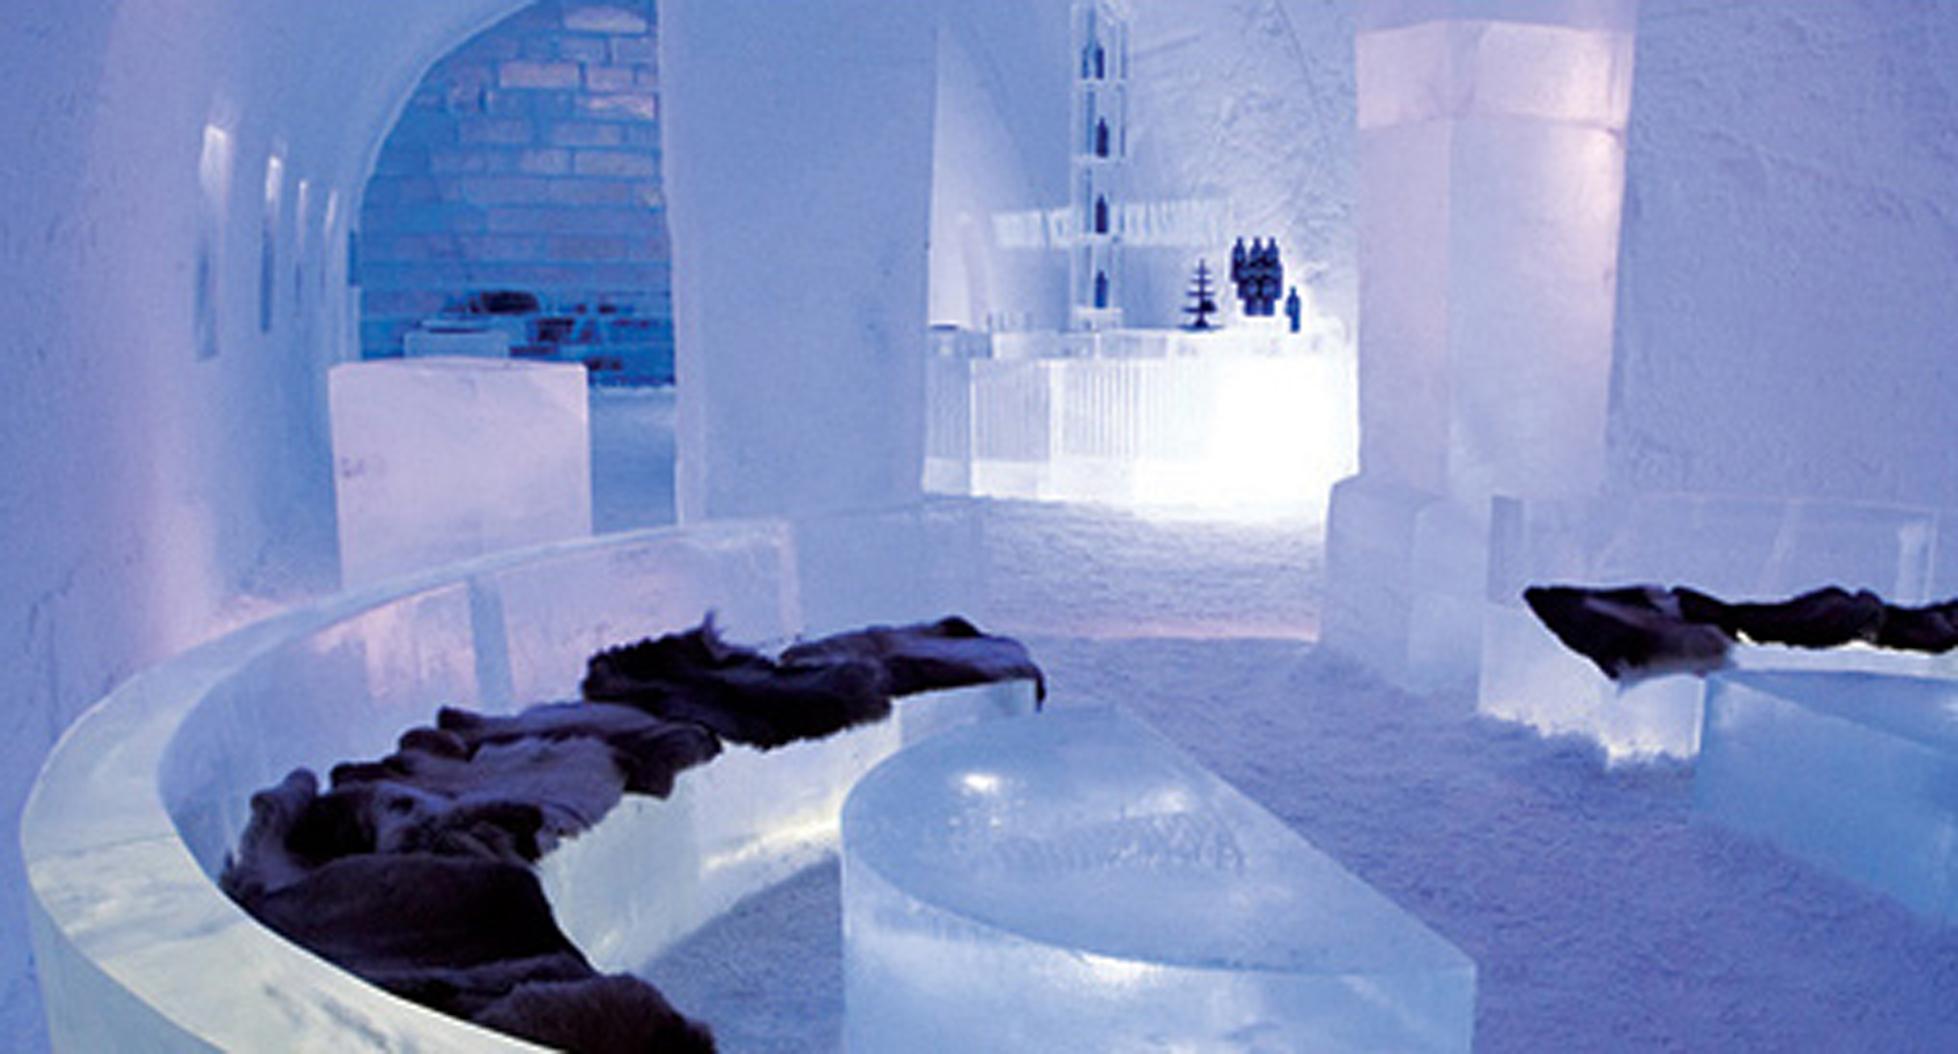 بالصور فندق من الثلج , تجربة فريدة وغريبة 4210 1